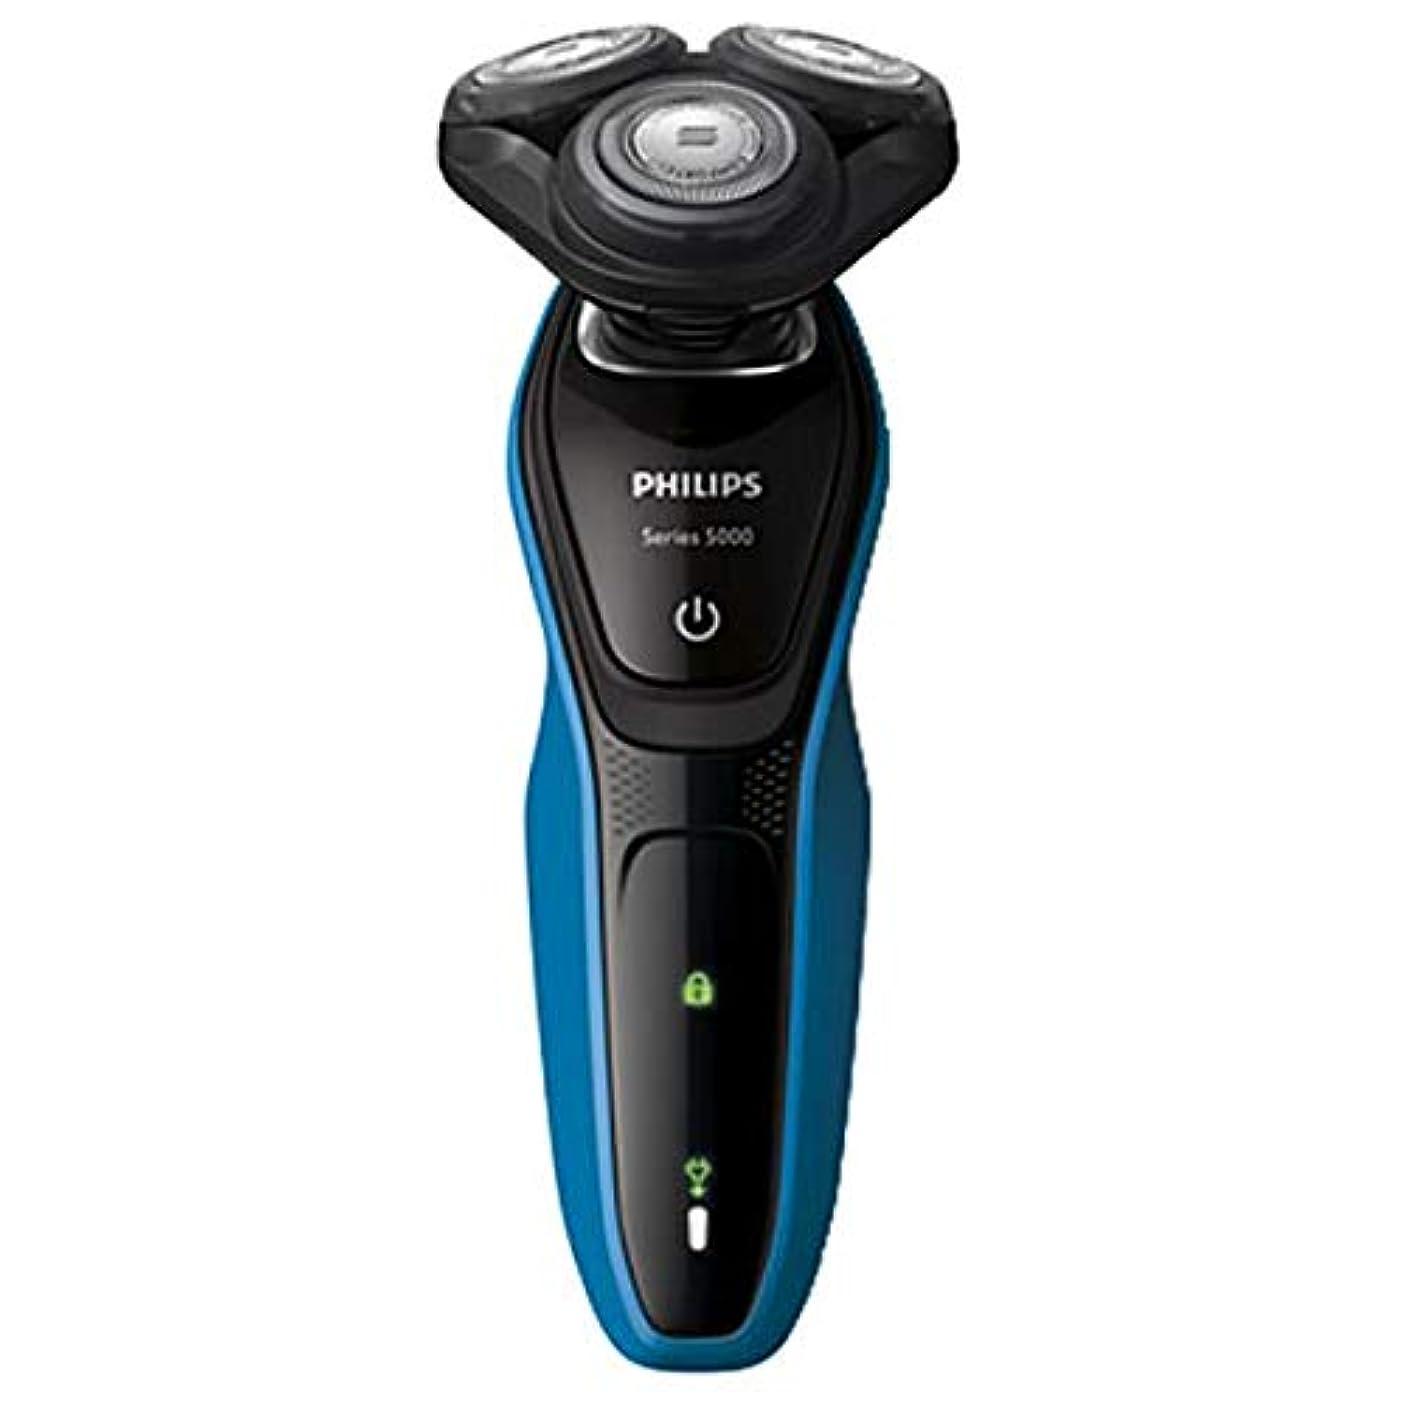 五月スナップ雇うフィリップス 電気シェーバー(アクアテックブルー/ブラック)PHILIPS series 5000 S5060/05